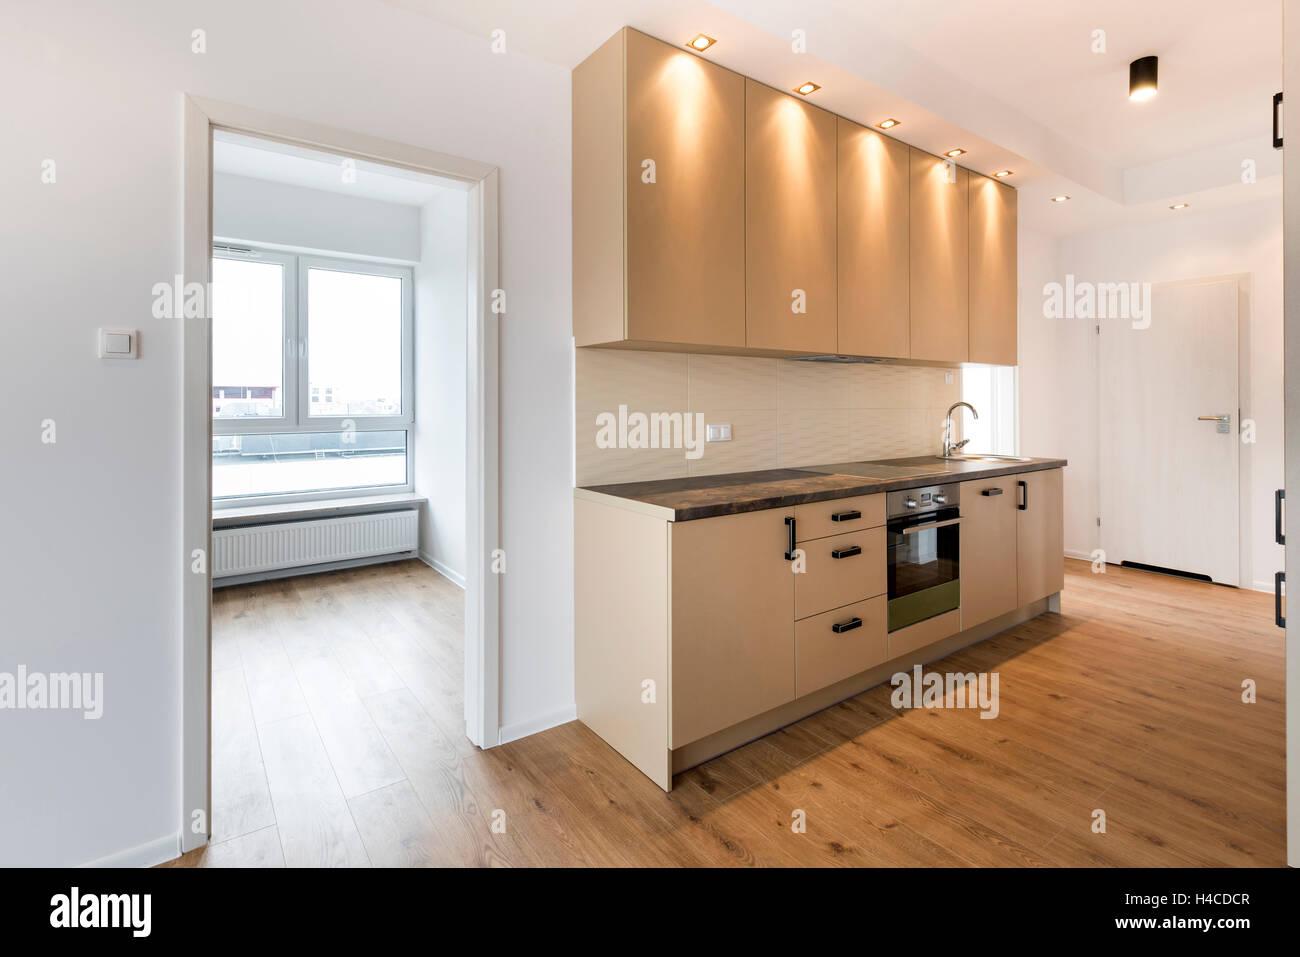 Neue Wohnung, leeren Raum mit Küche Innenarchitektur Stockfoto, Bild ...